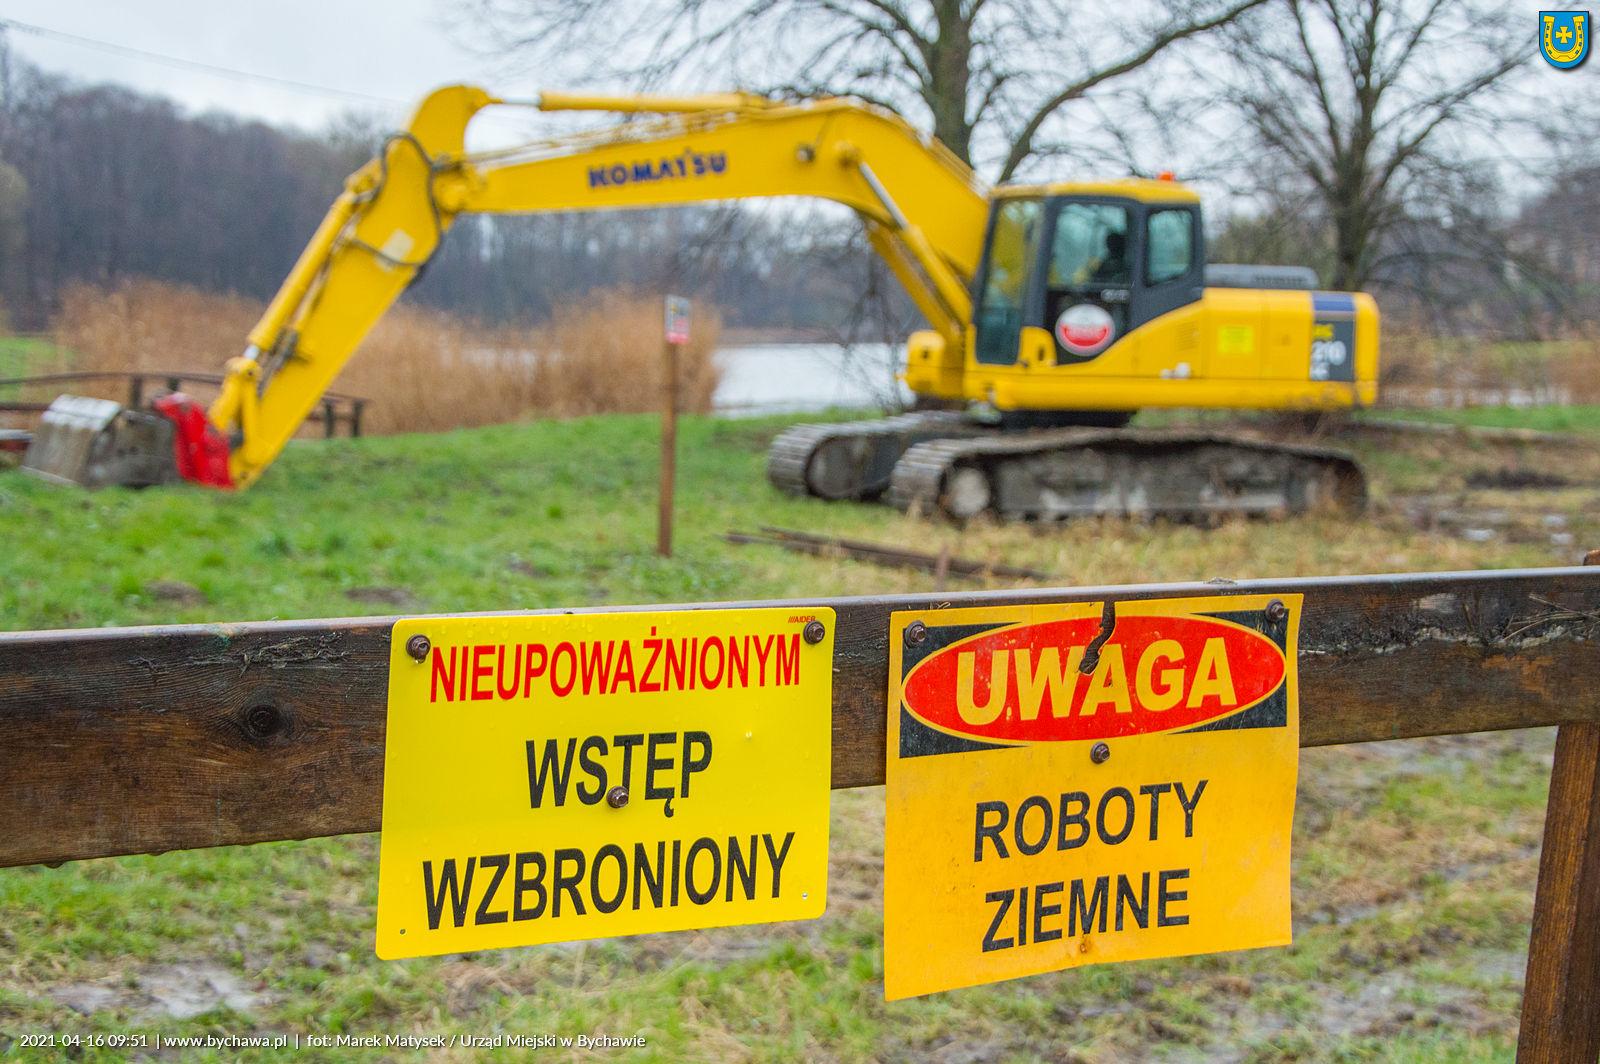 W trosce o bezpieczeństwo do końca maja 2021 r.  na terenie zalewu w Bychawie obowiązuje bezwzględny zakaz przebywania na terenie placu budowy